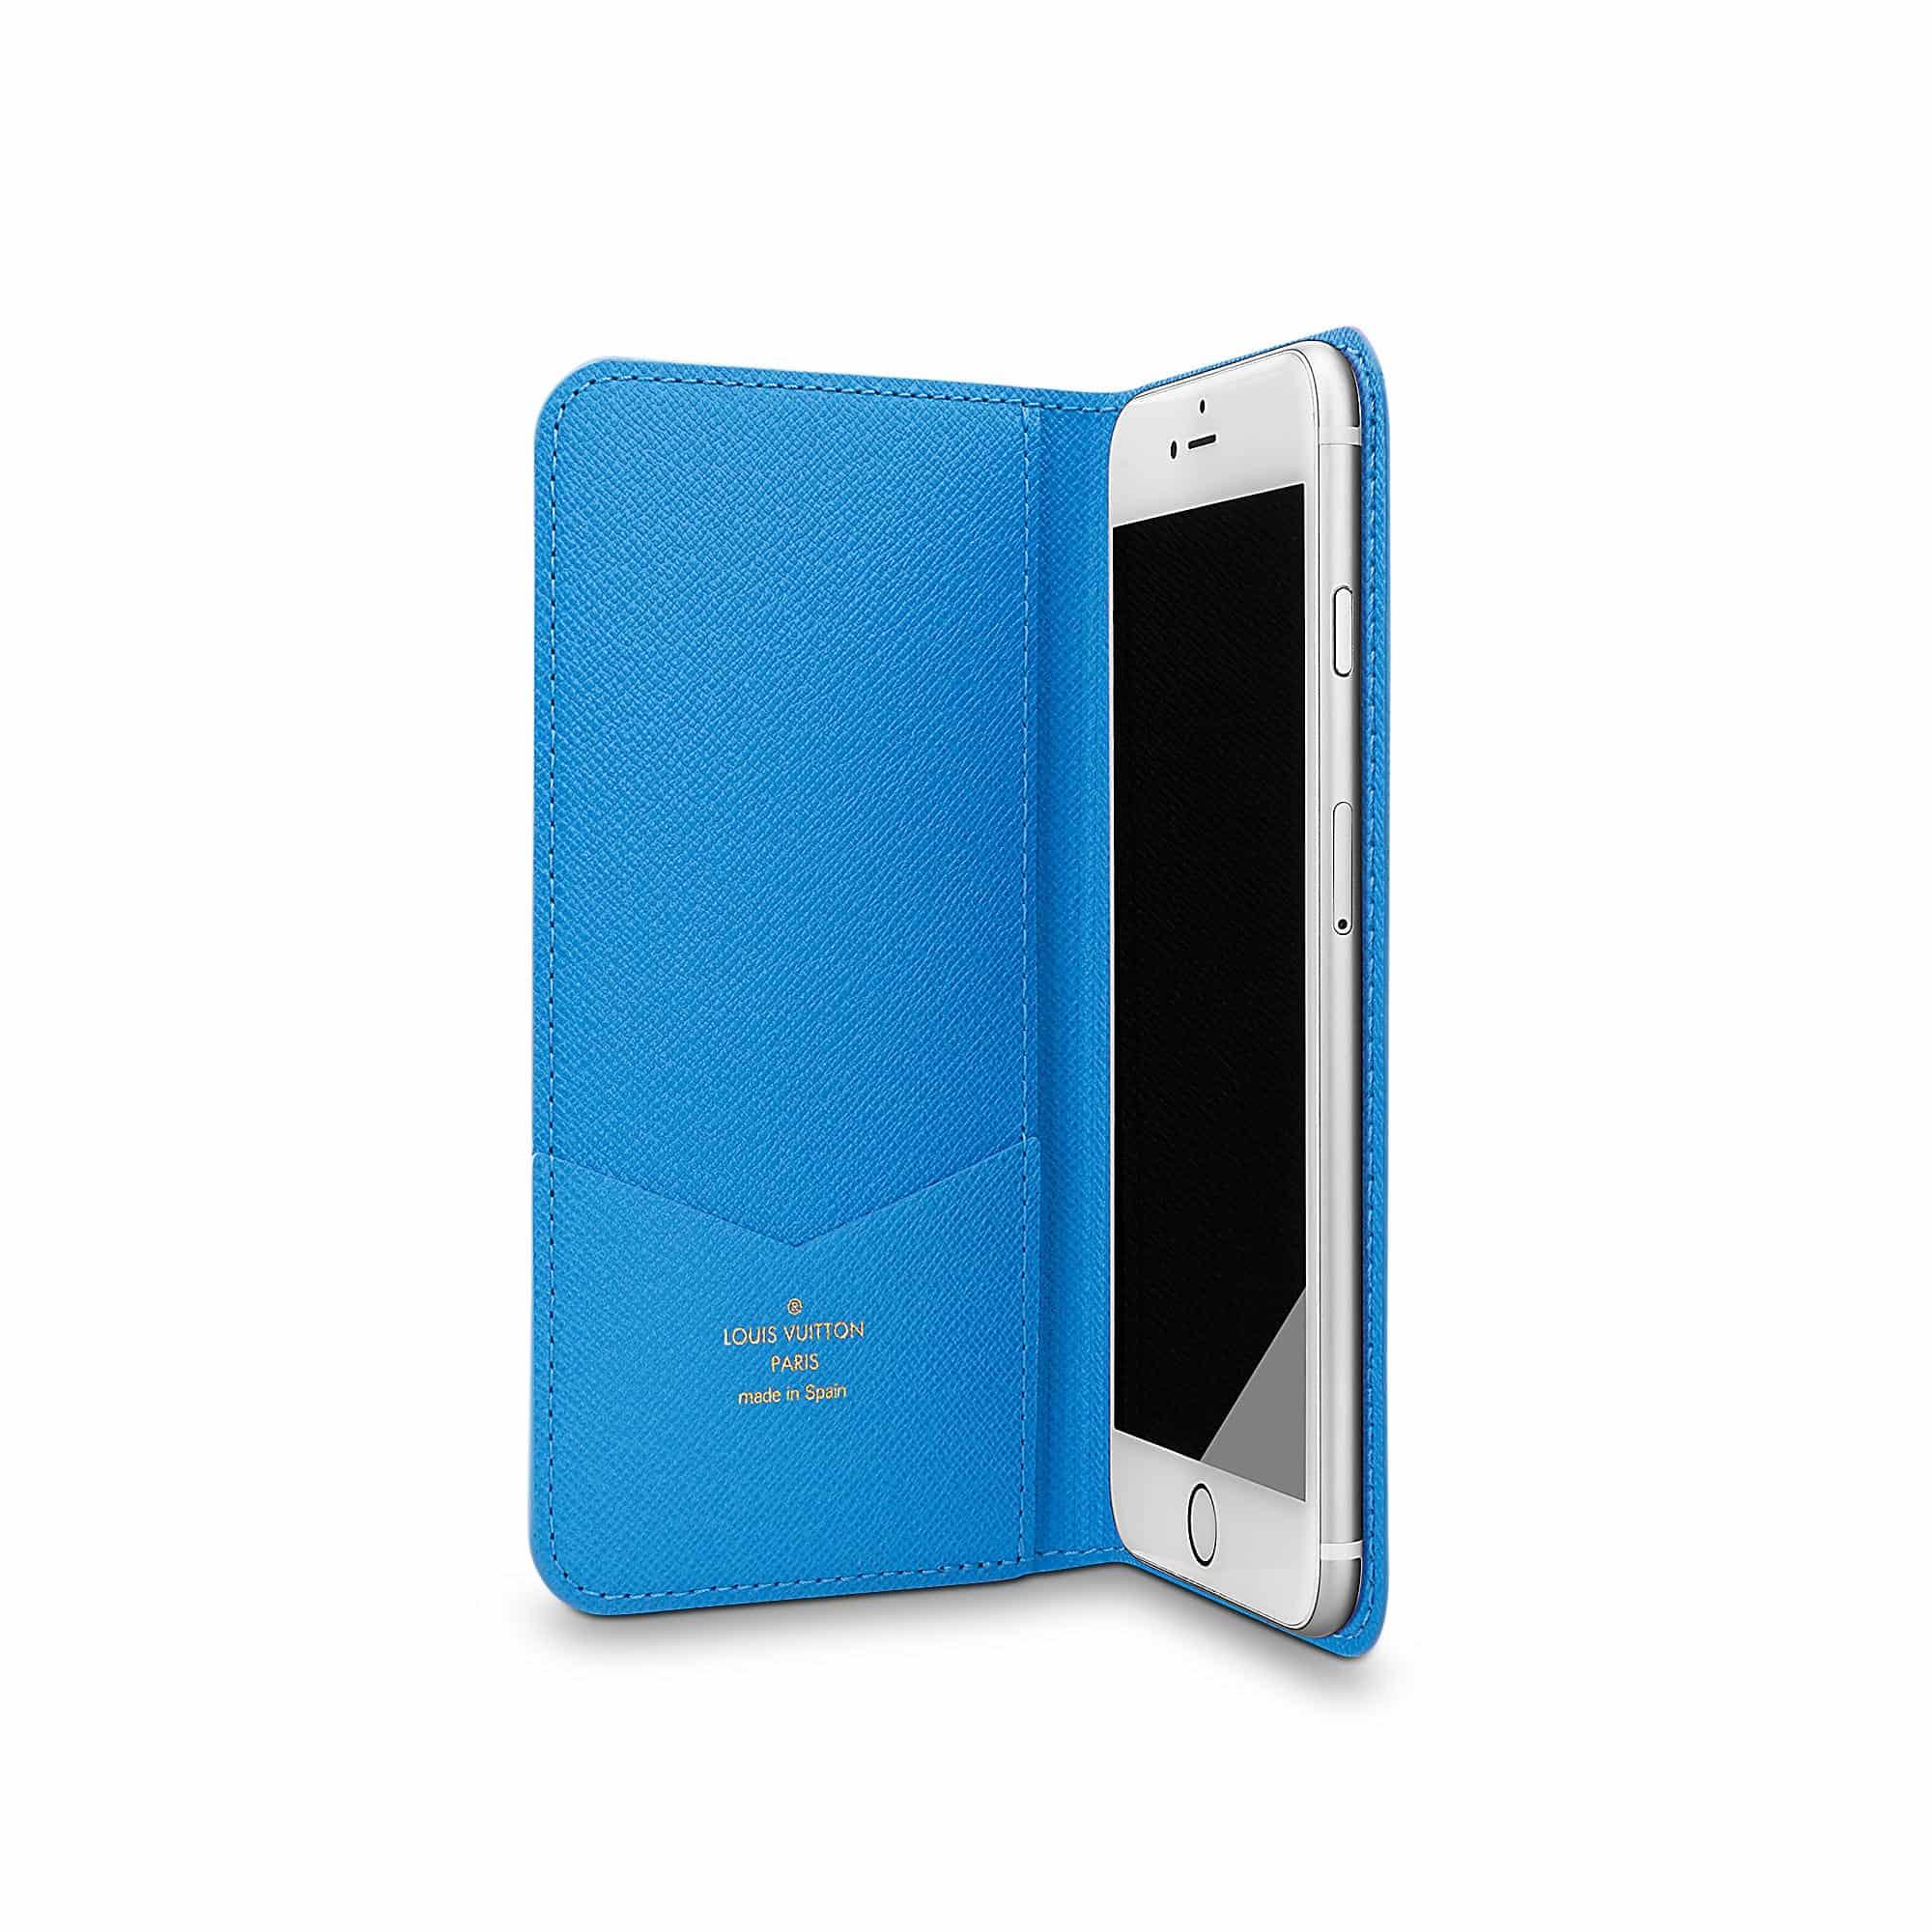 louis vuitton iphone 6 case. louis vuitton men apple iphone 6 plus folio blue m61632 case